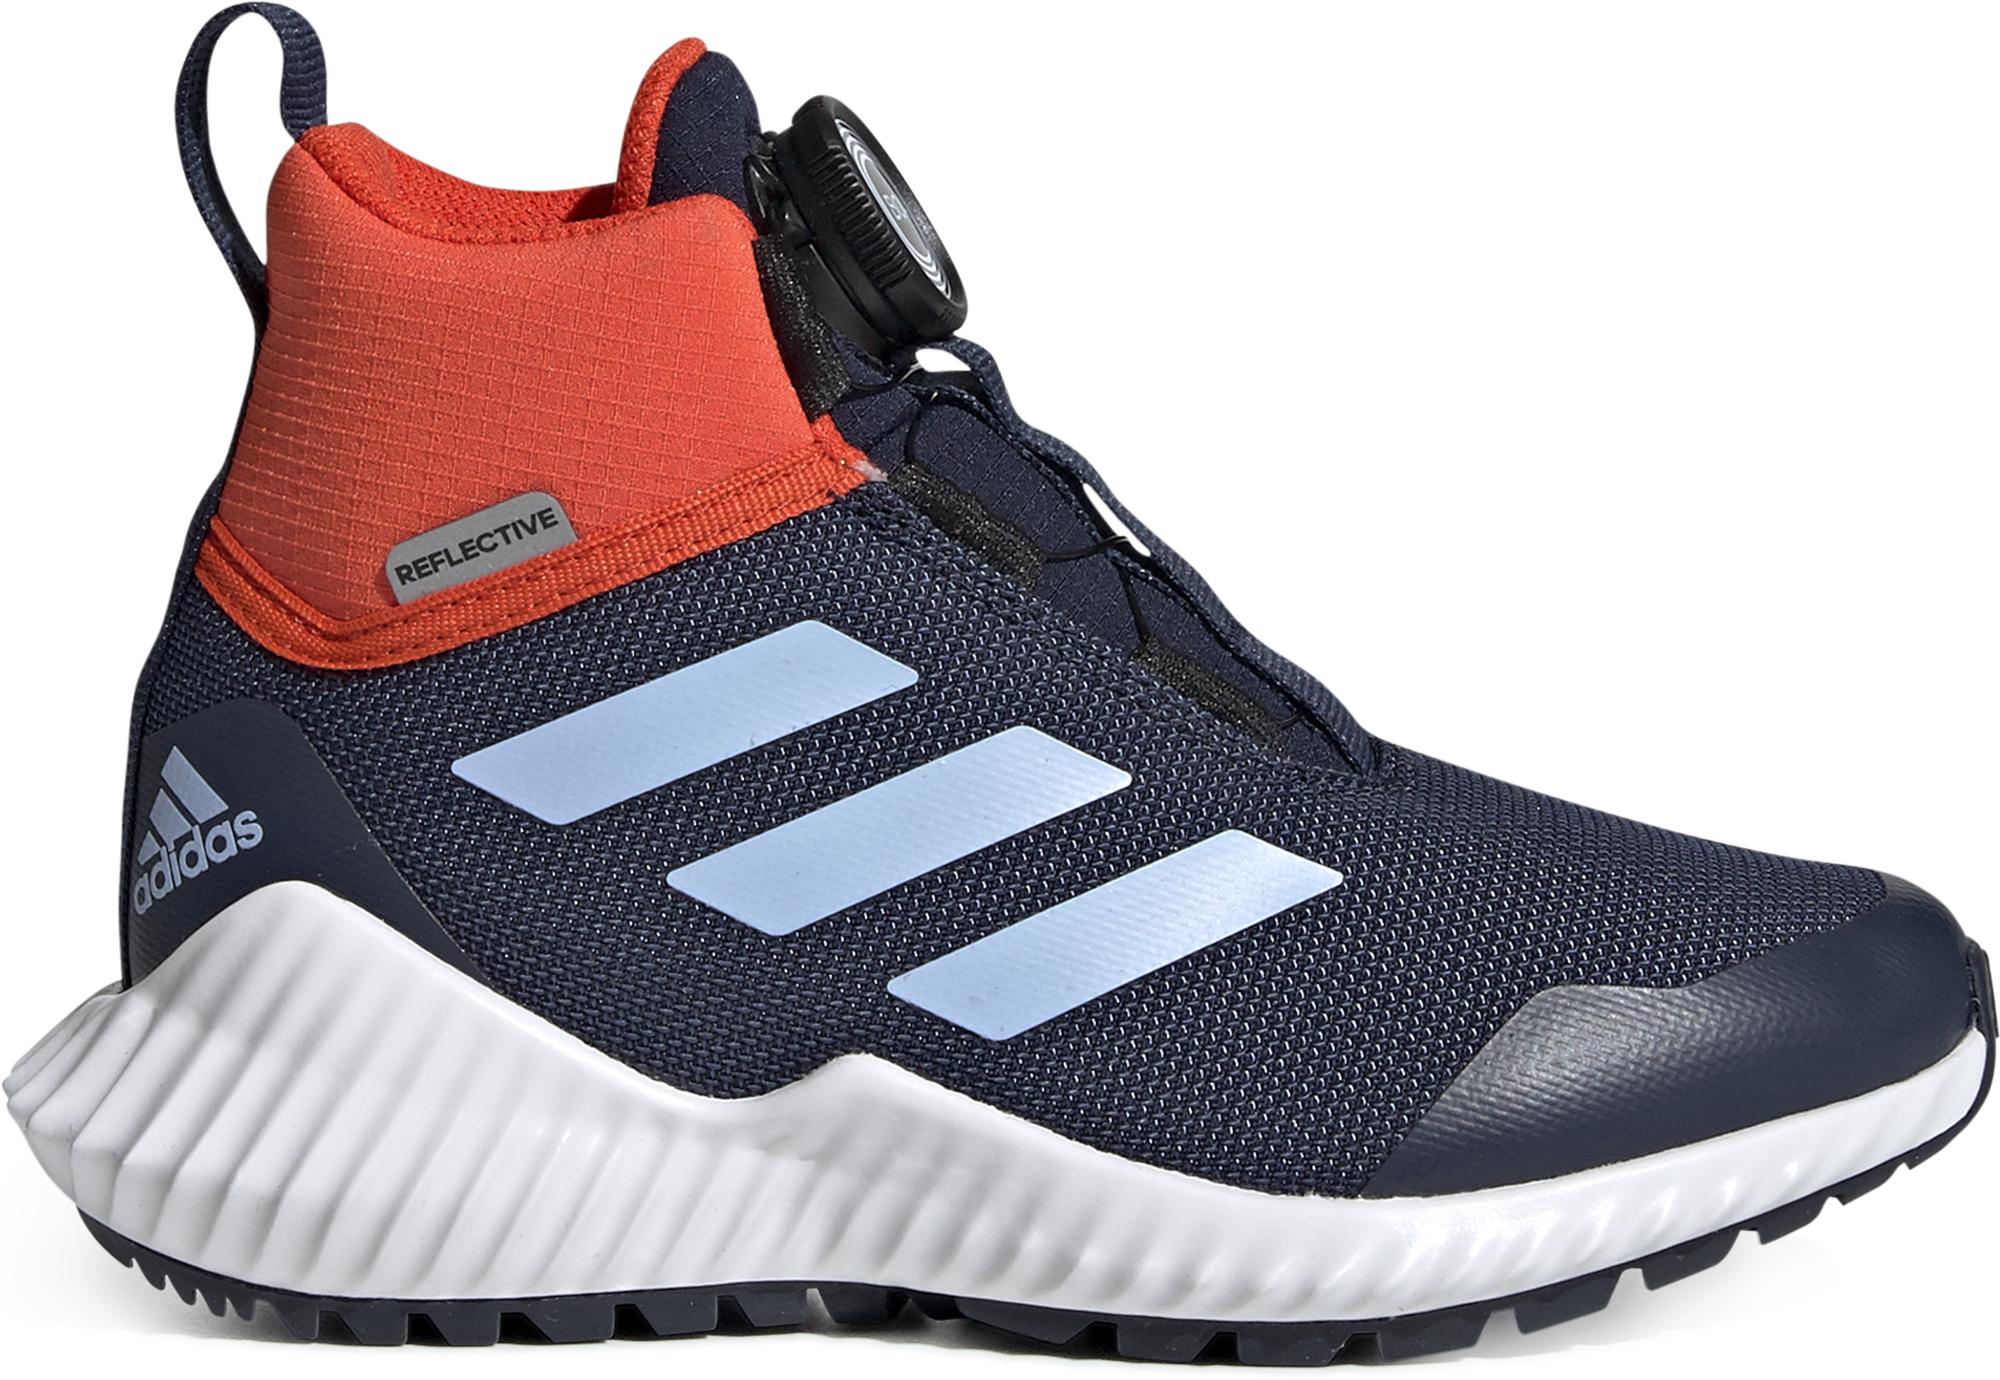 цена Adidas Кроссовки высокие детские утепленные Adidas FortaTrail BOA, размер 34 онлайн в 2017 году